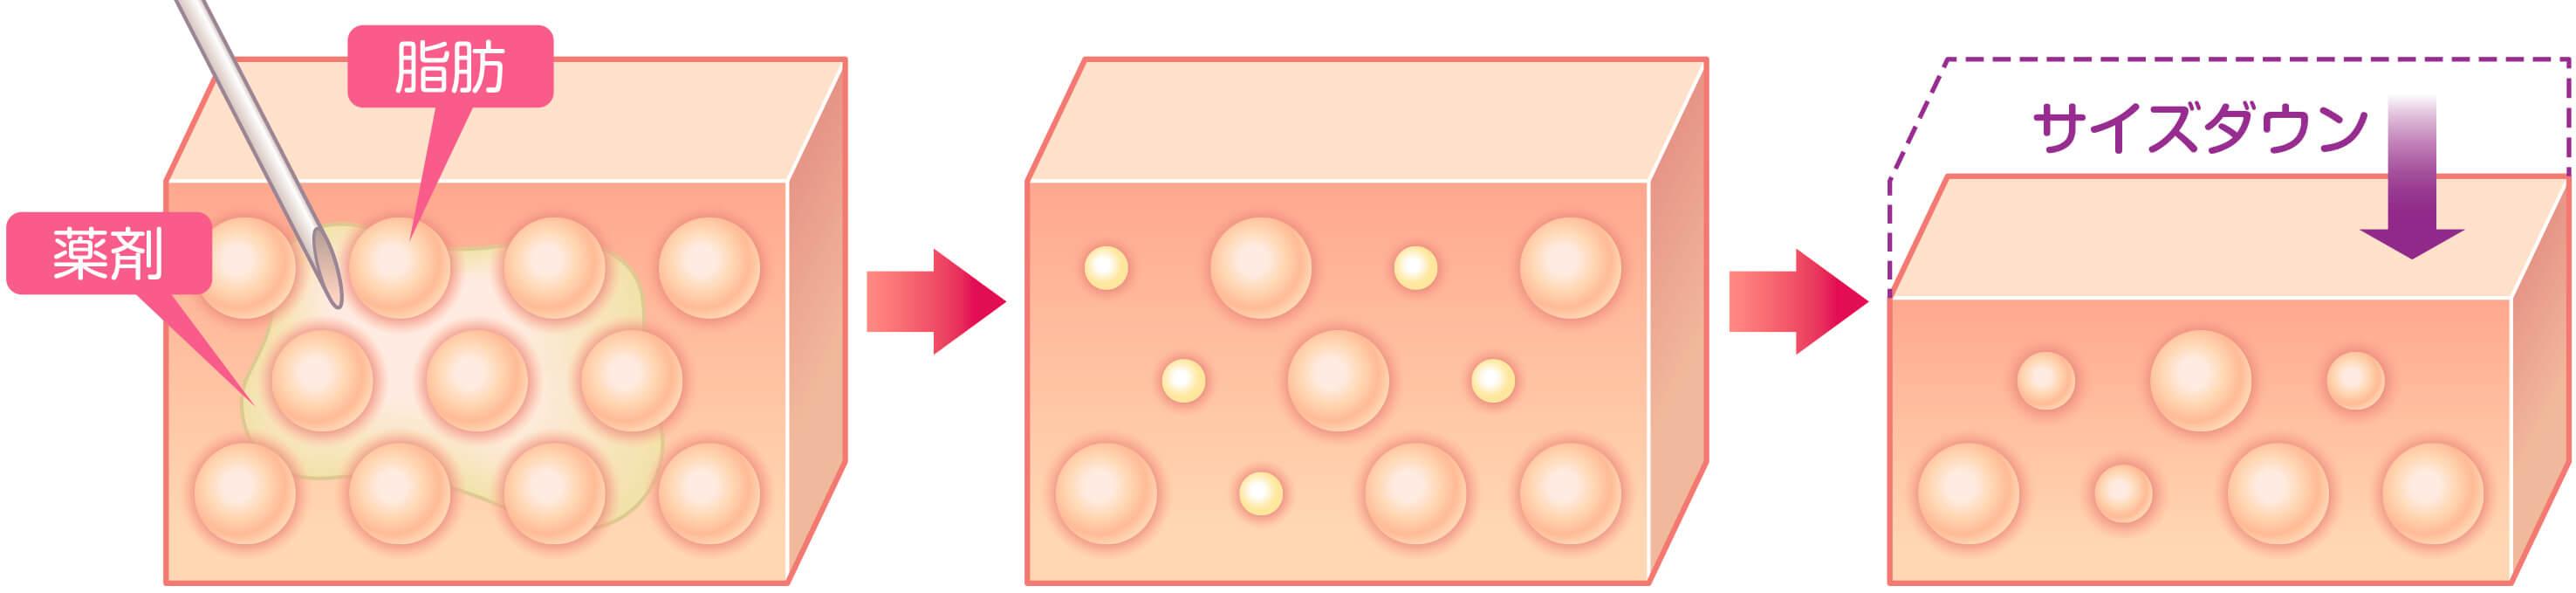 脂肪細胞に対するBNLS neoの作用のイラスト